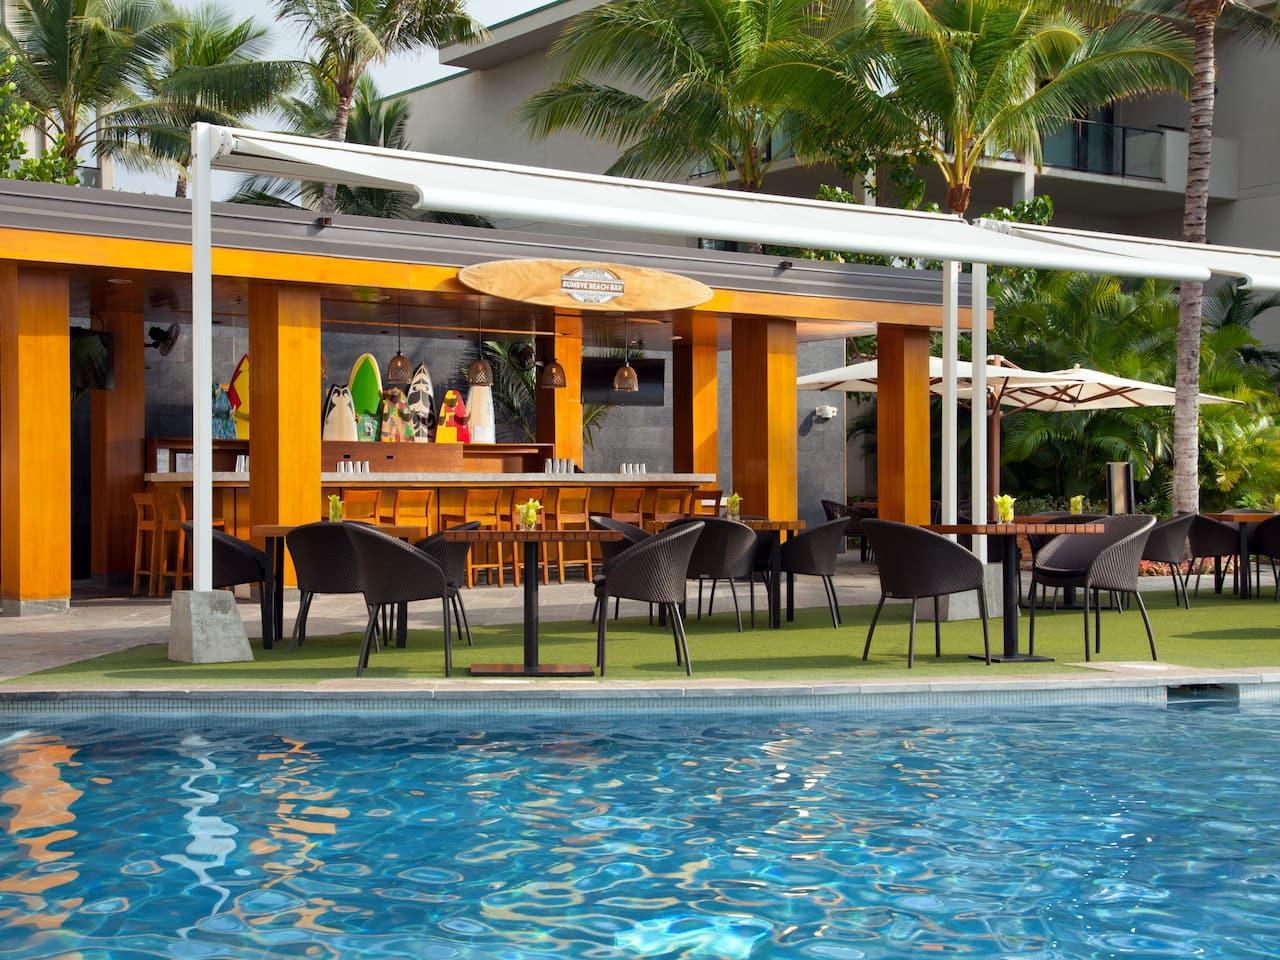 Wailea Maui Restaurants Andaz Maui At Wailea Resort